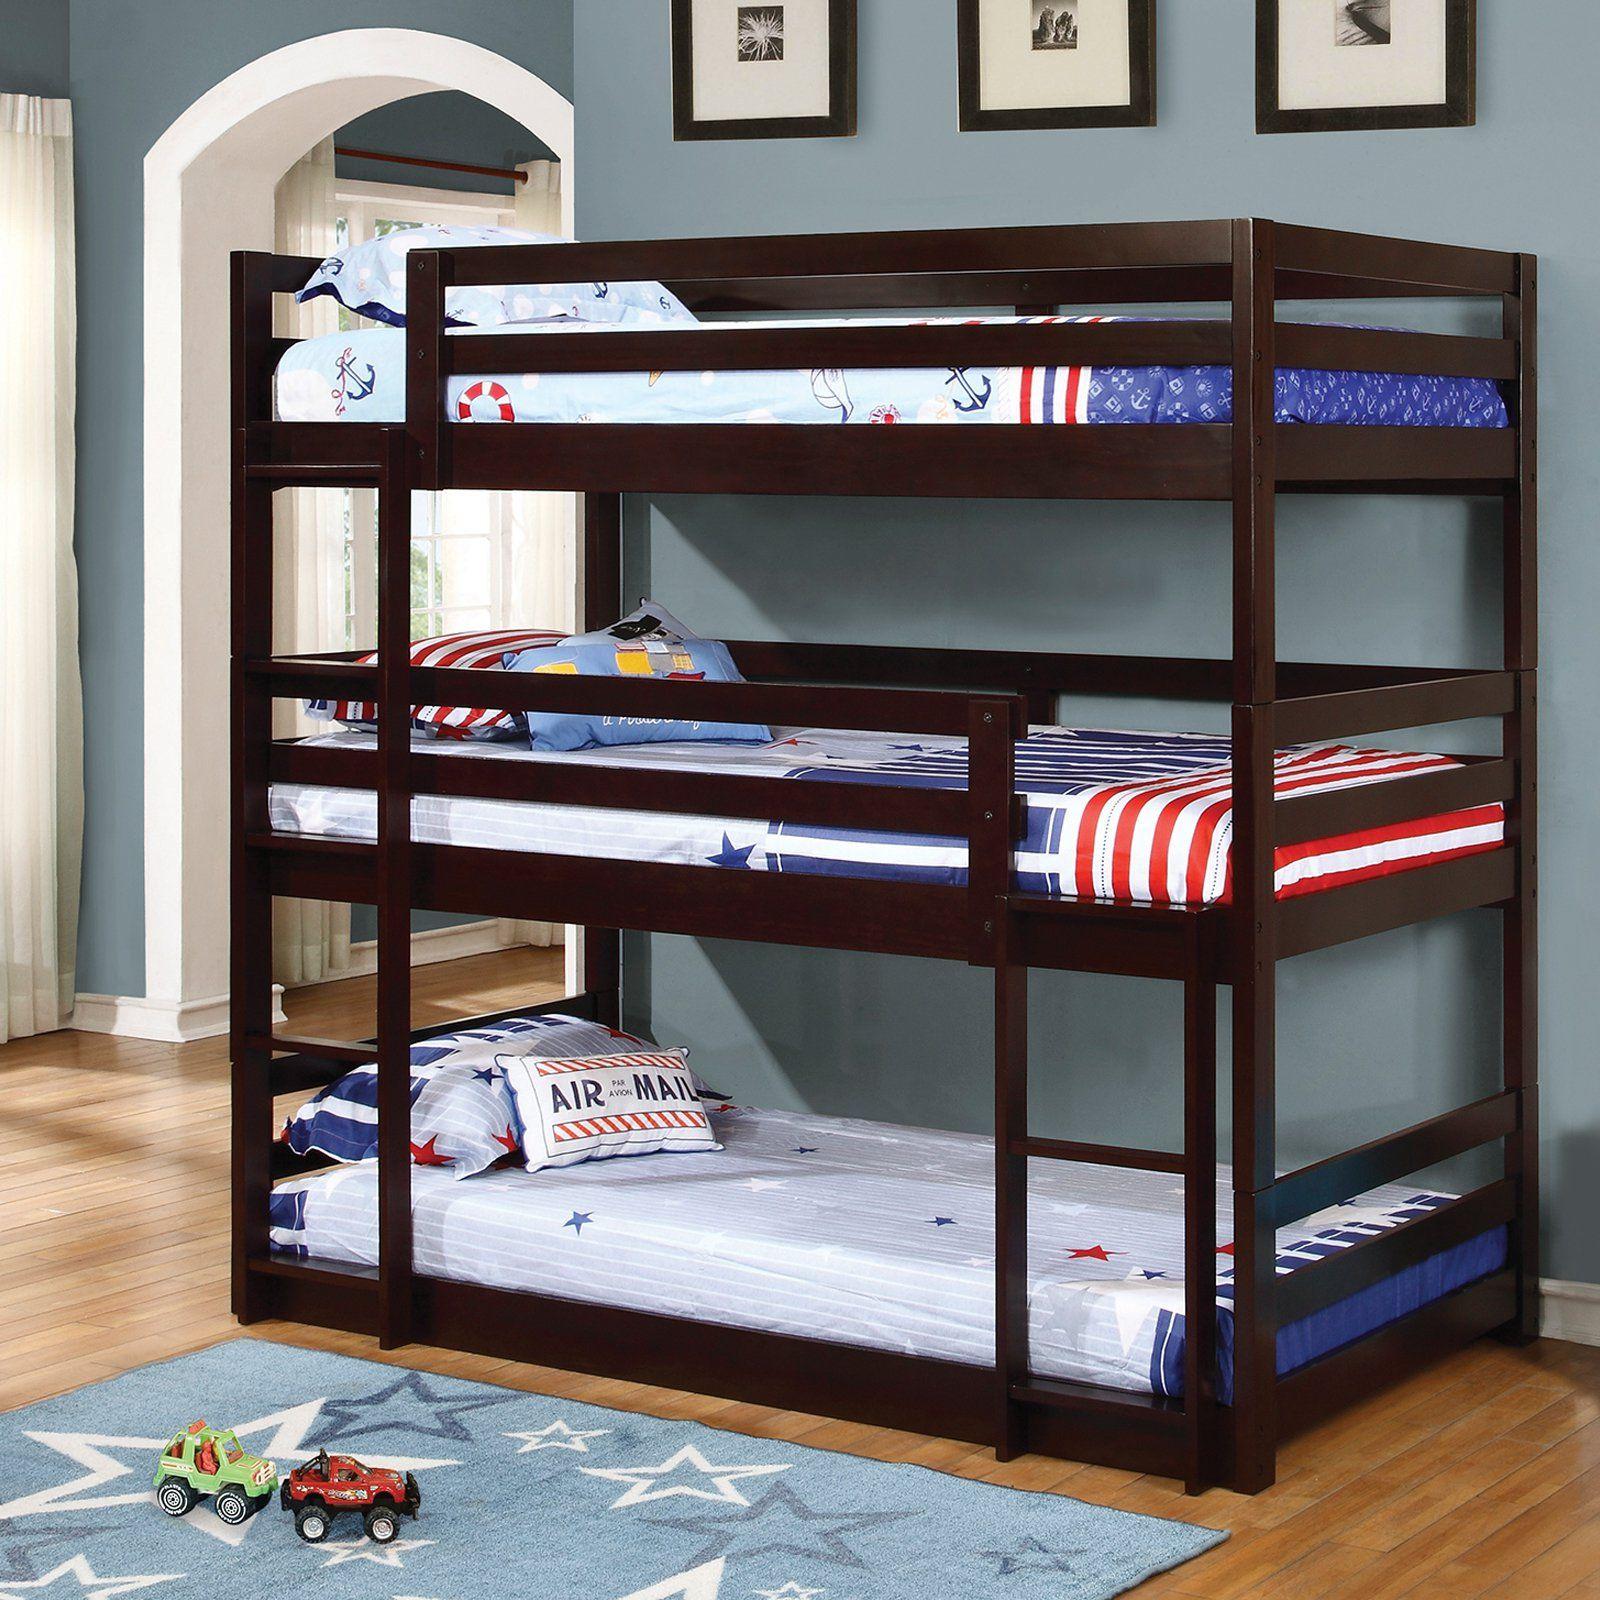 Coaster Furniture Triple Layer Bunk Bed 400302 Twin